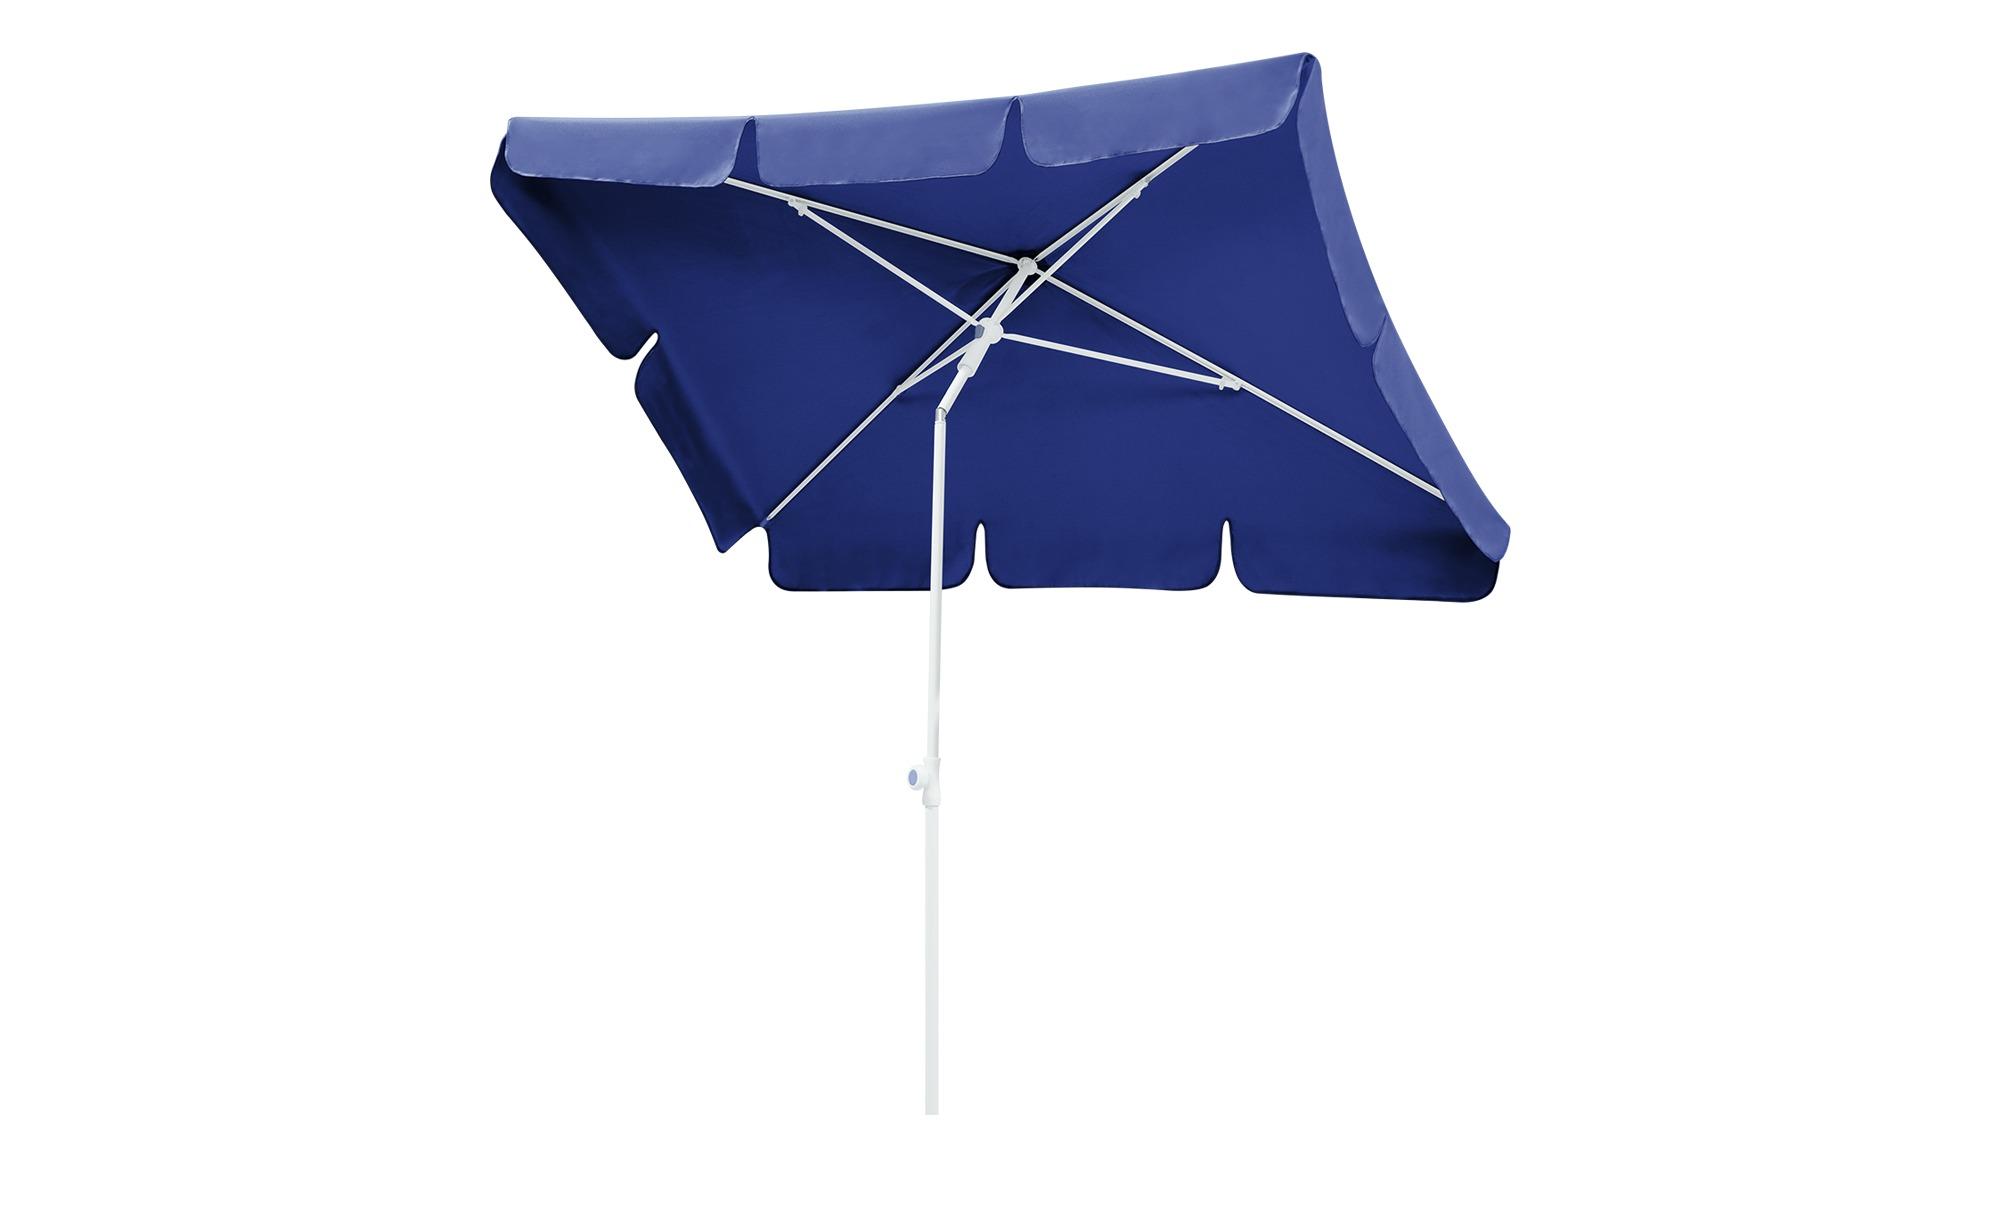 Sonnenschirm  Ibiza - 180 cm - 225 cm - 120 cm - Garten > Sonnenschutz > Sonnenschirme - Möbel Kraft | Garten > Sonnenschirme und Markisen > Sonnenschirme | Sconto